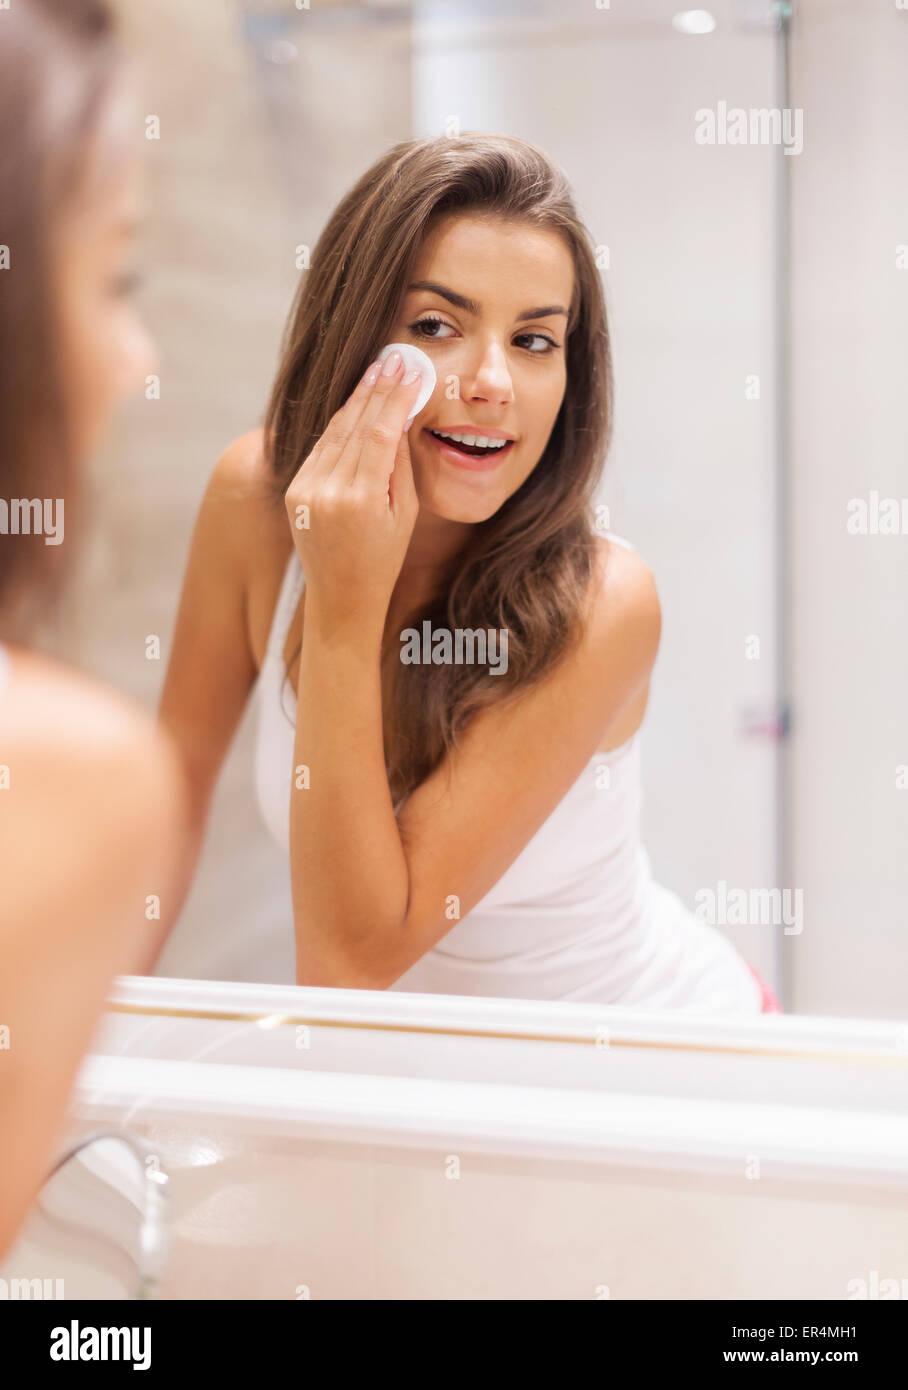 Mujer quitando el maquillaje de su rostro. Debica, Polonia Imagen De Stock